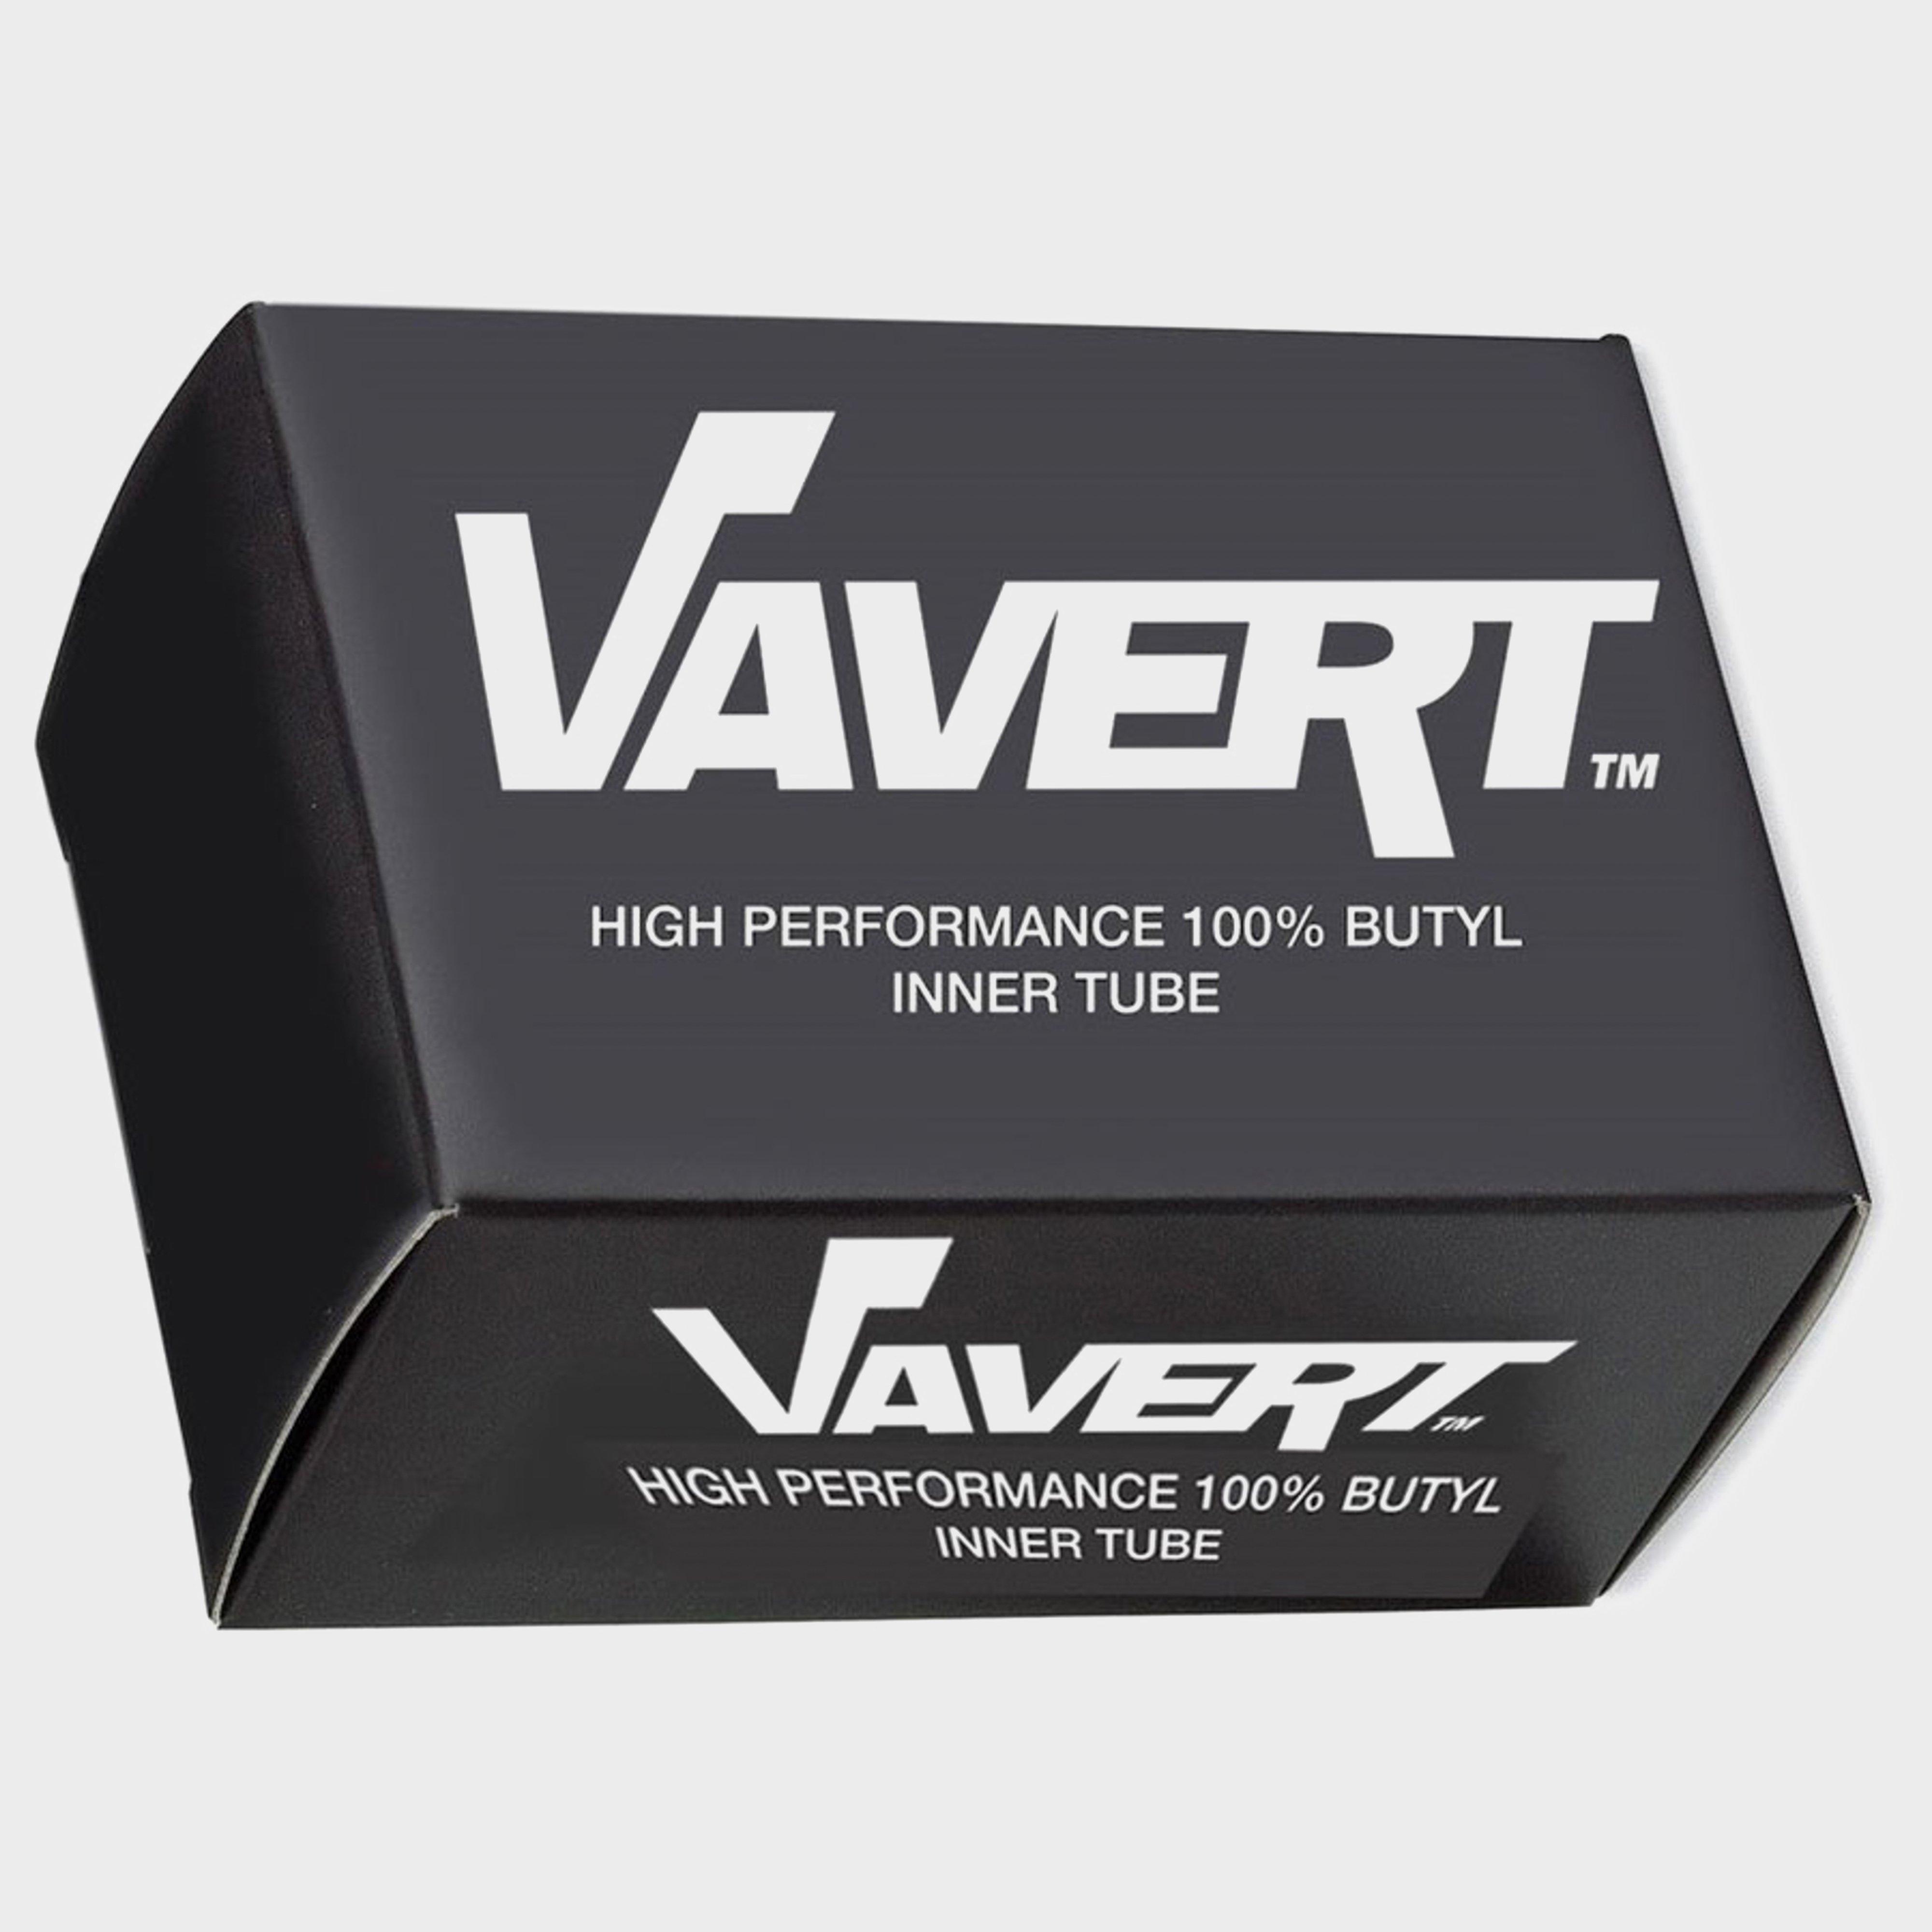 Vavert 16 X 1.75 X 1.95 - Black/schrader  Black/schrader